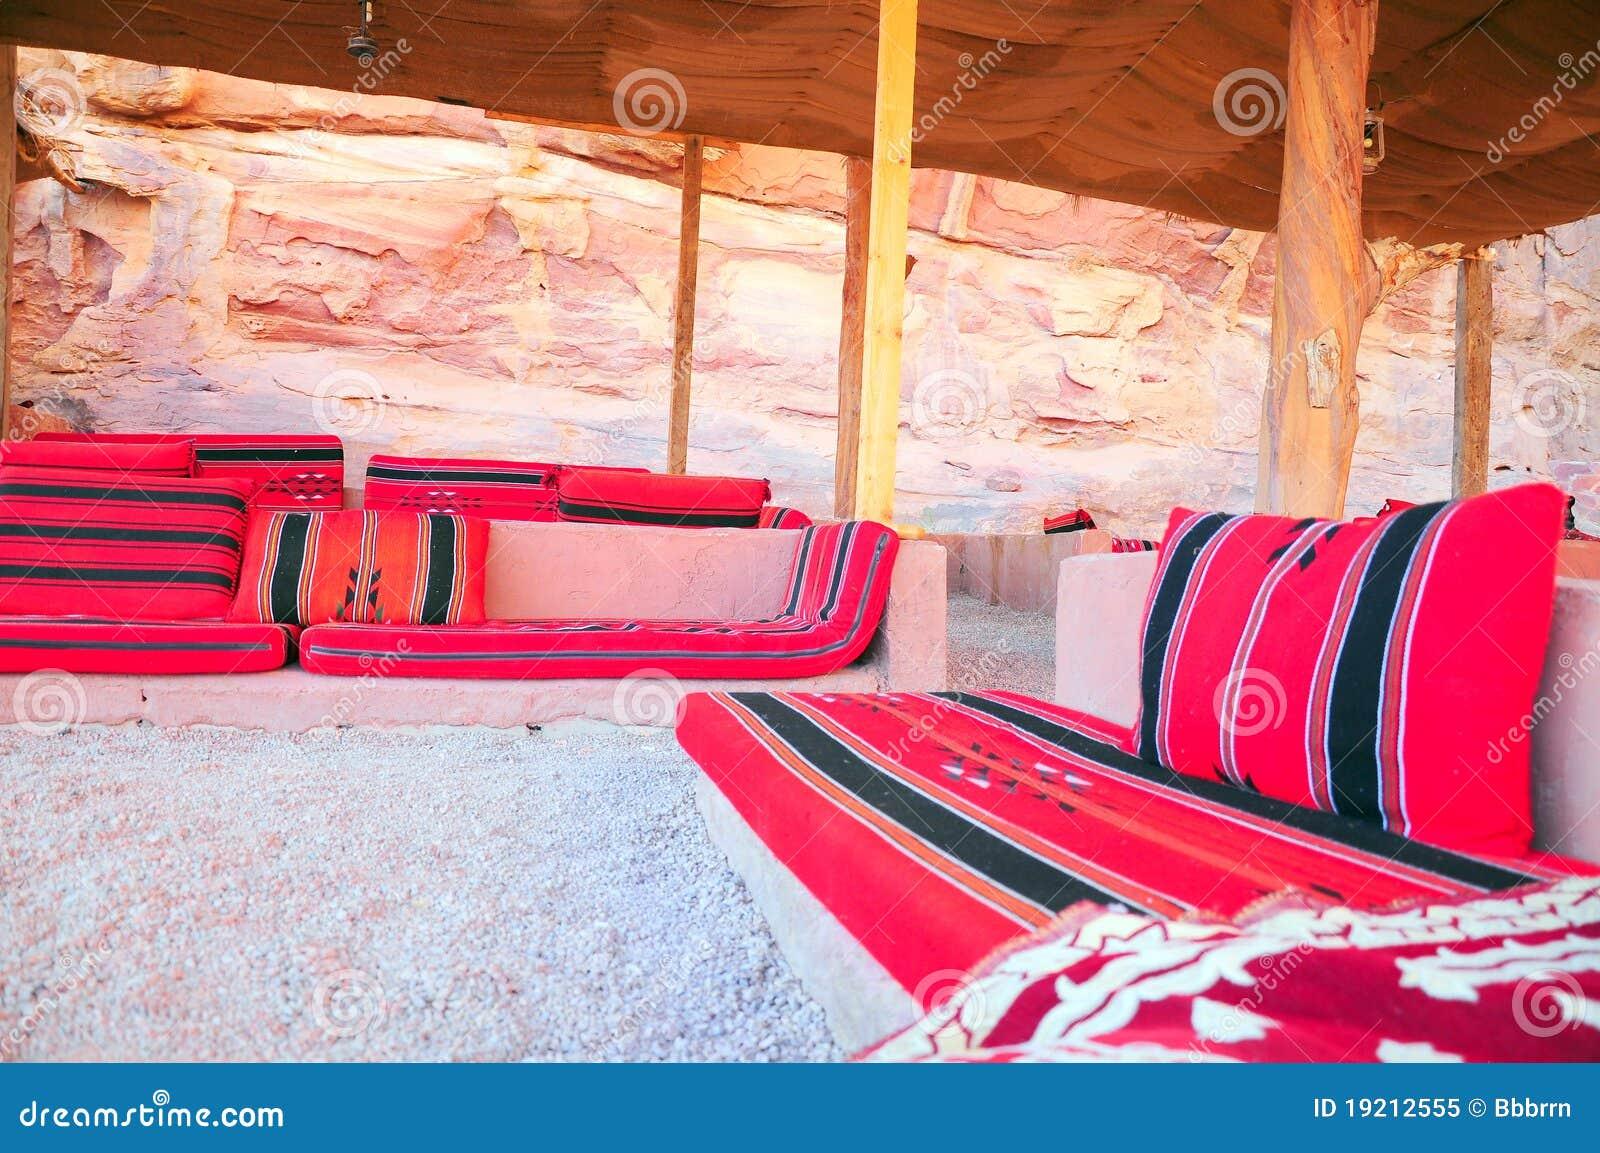 Divano orientale immagine stock immagine di decori - Goethe divano occidentale orientale ...